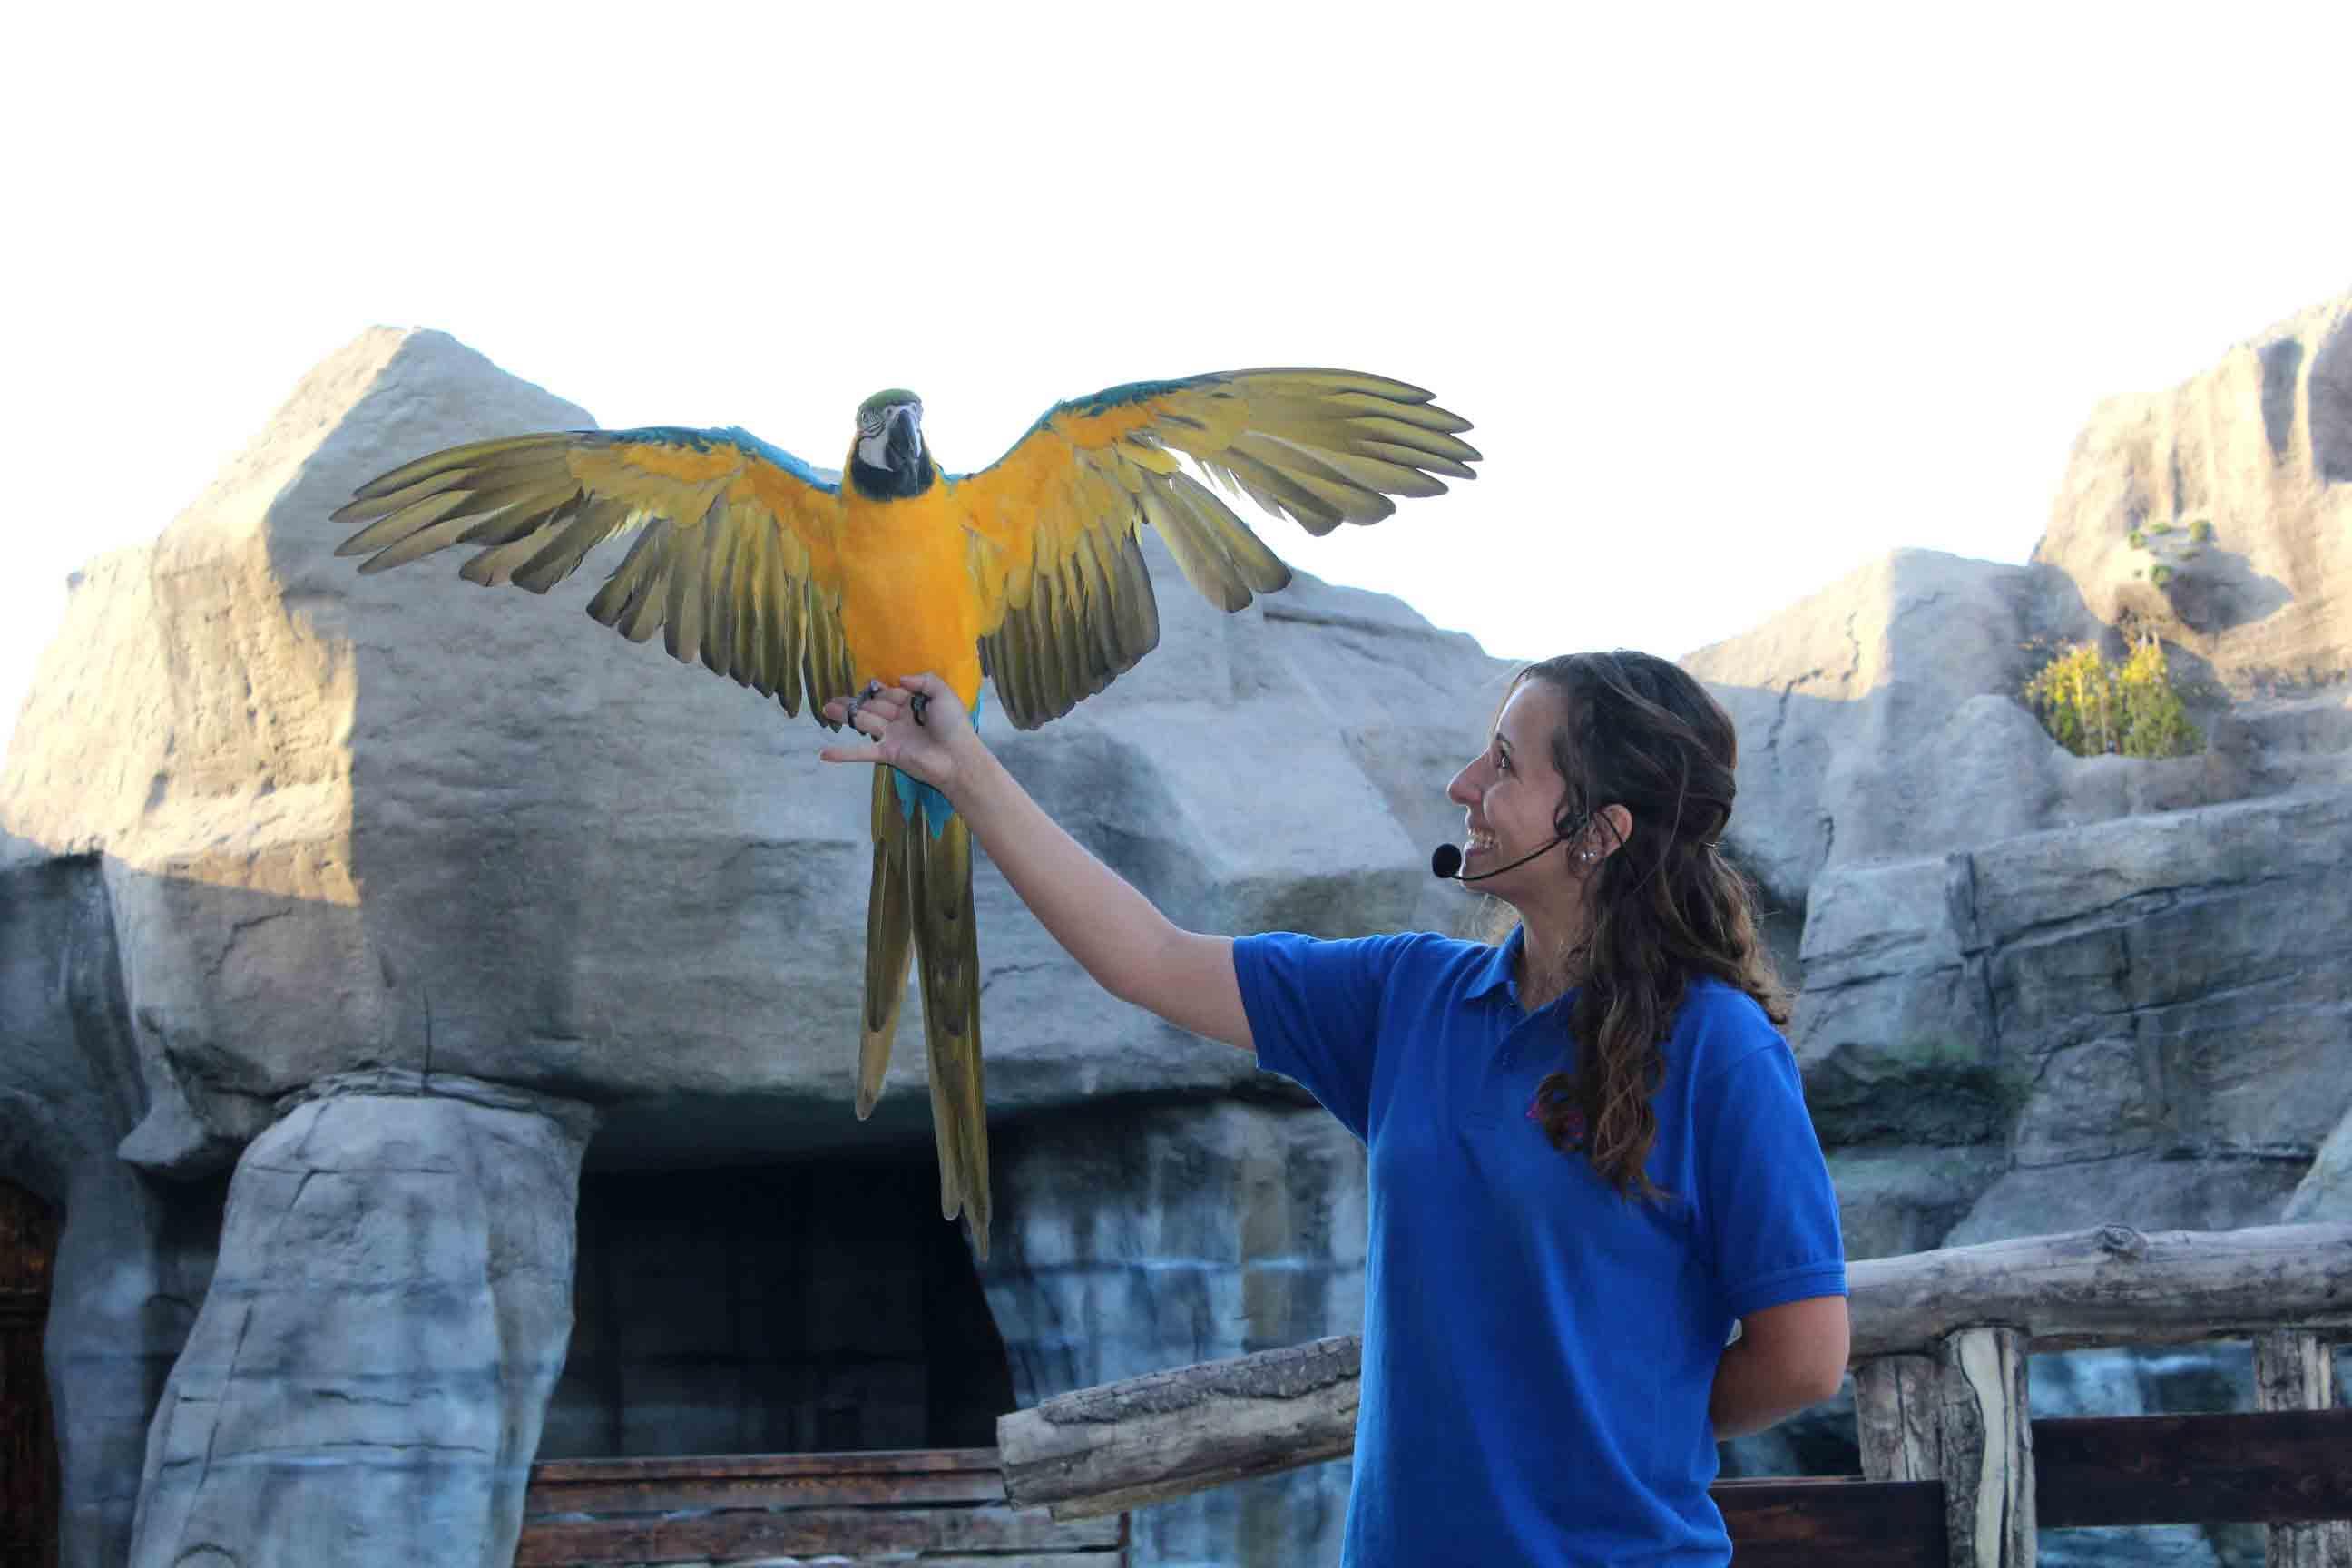 حديقة حيوانات الامارات